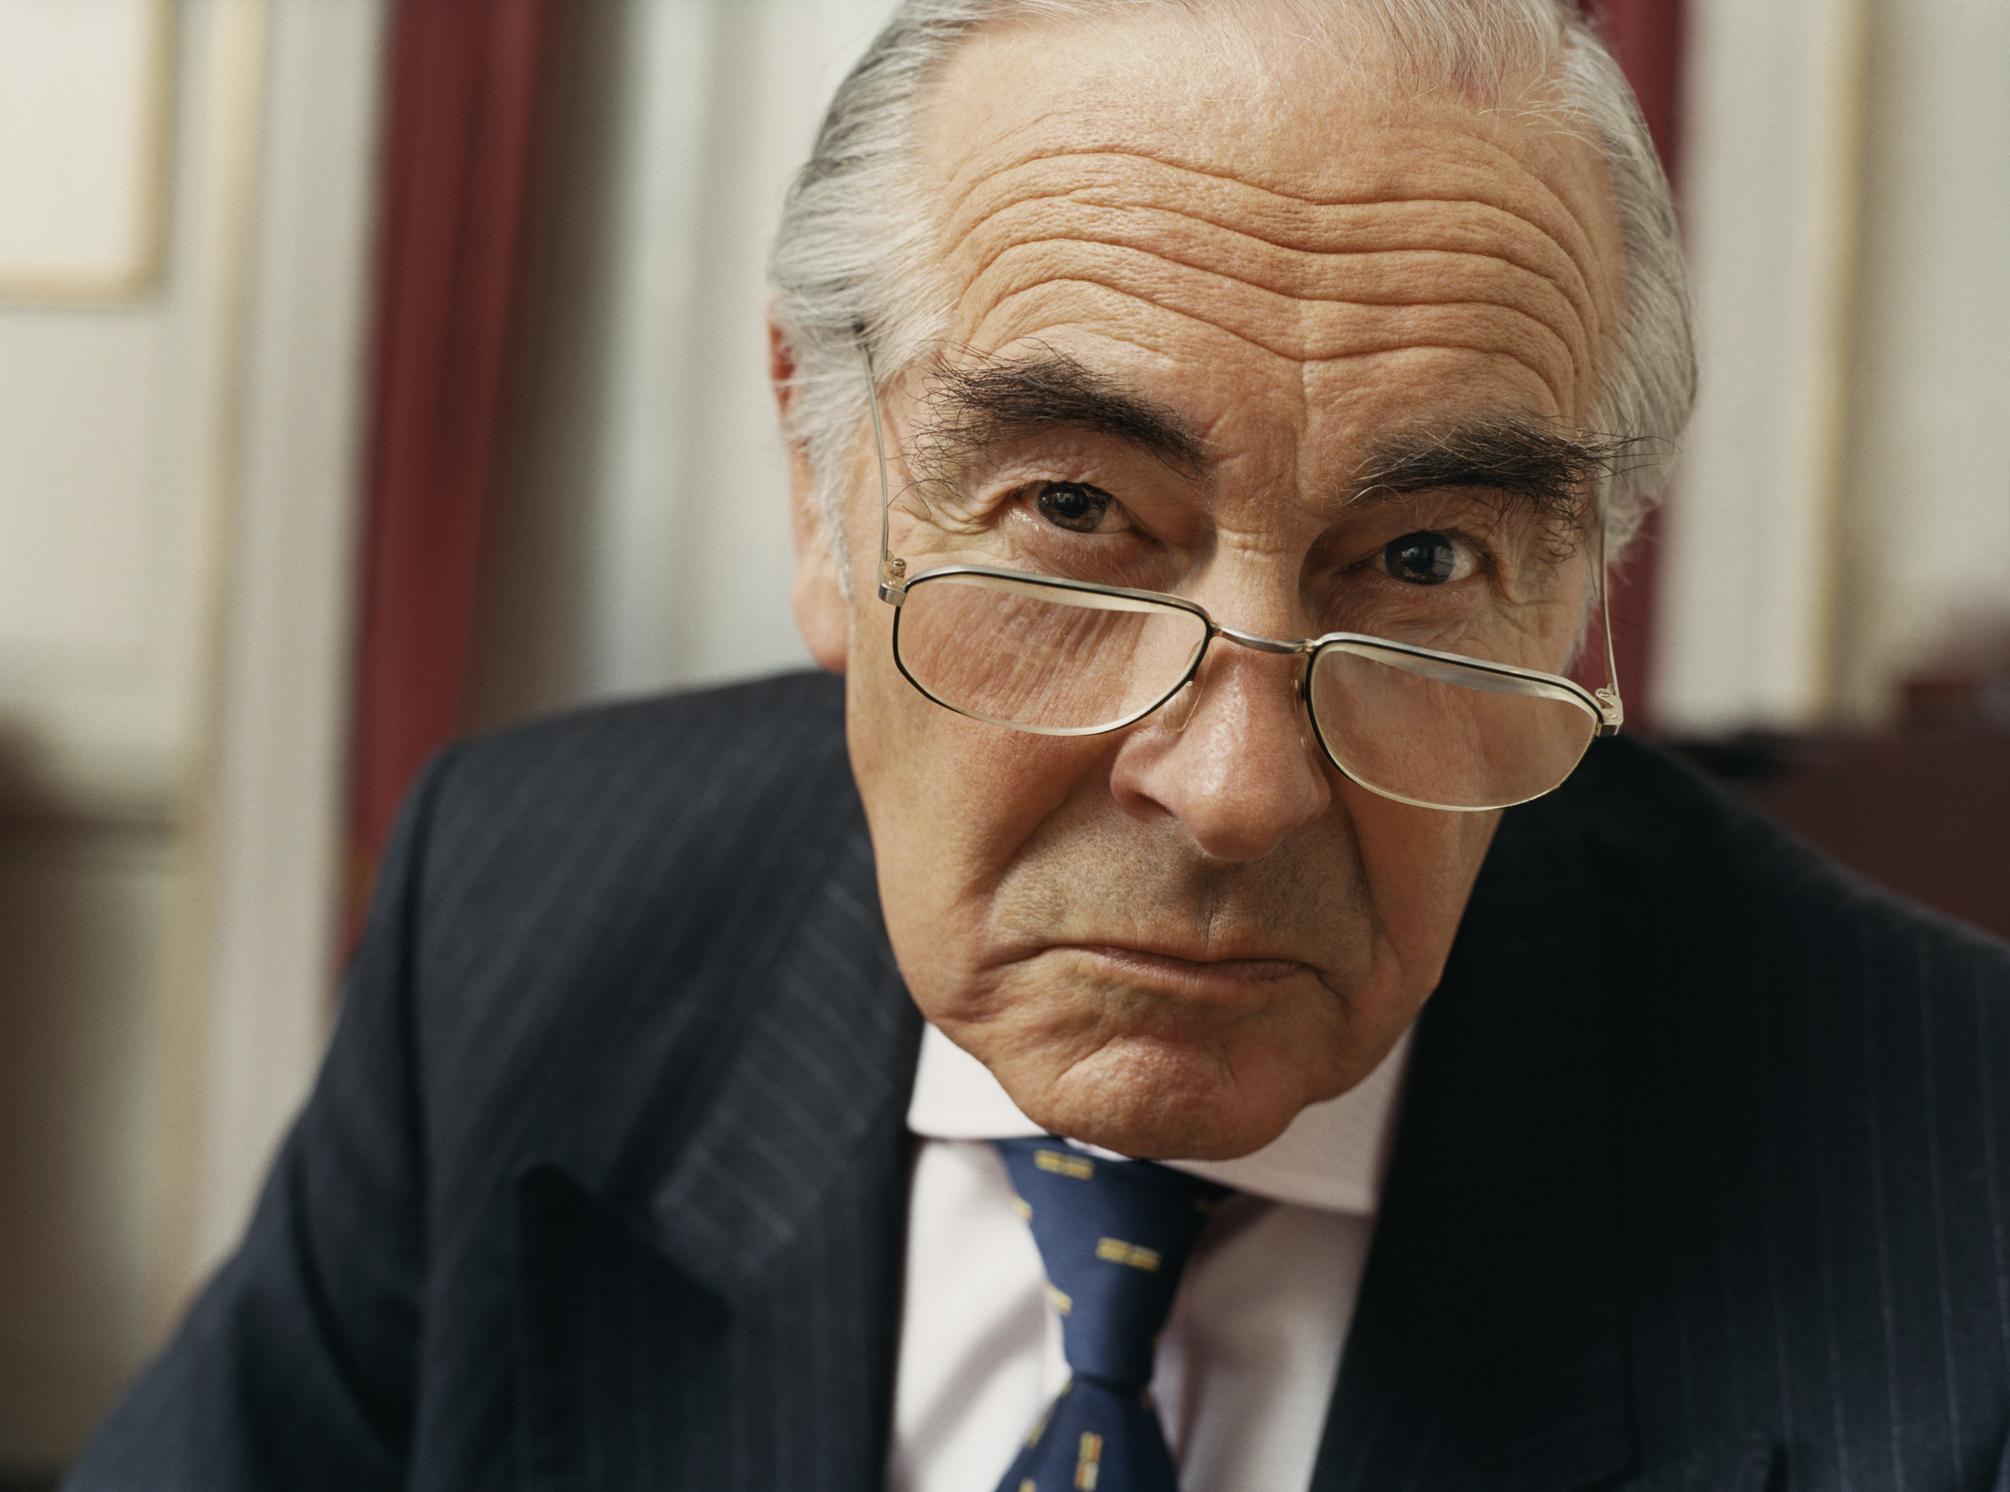 A scowling elderly rich man in a suit.